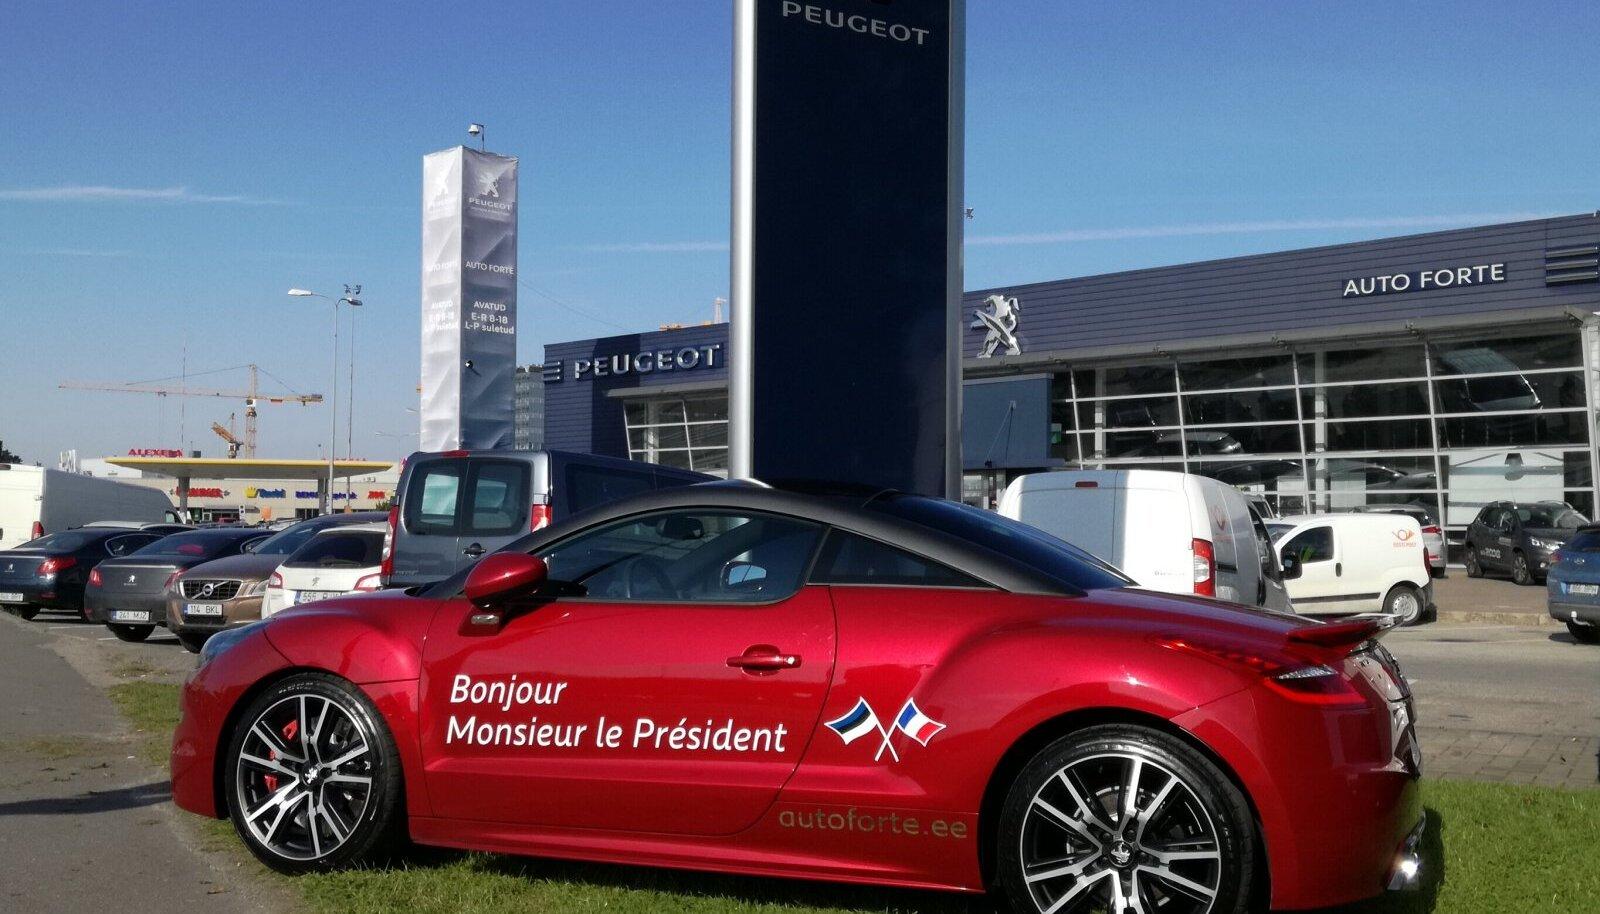 Pegueot'i esinduse esine on Prantsusmaa presidendi tulekuks valmis